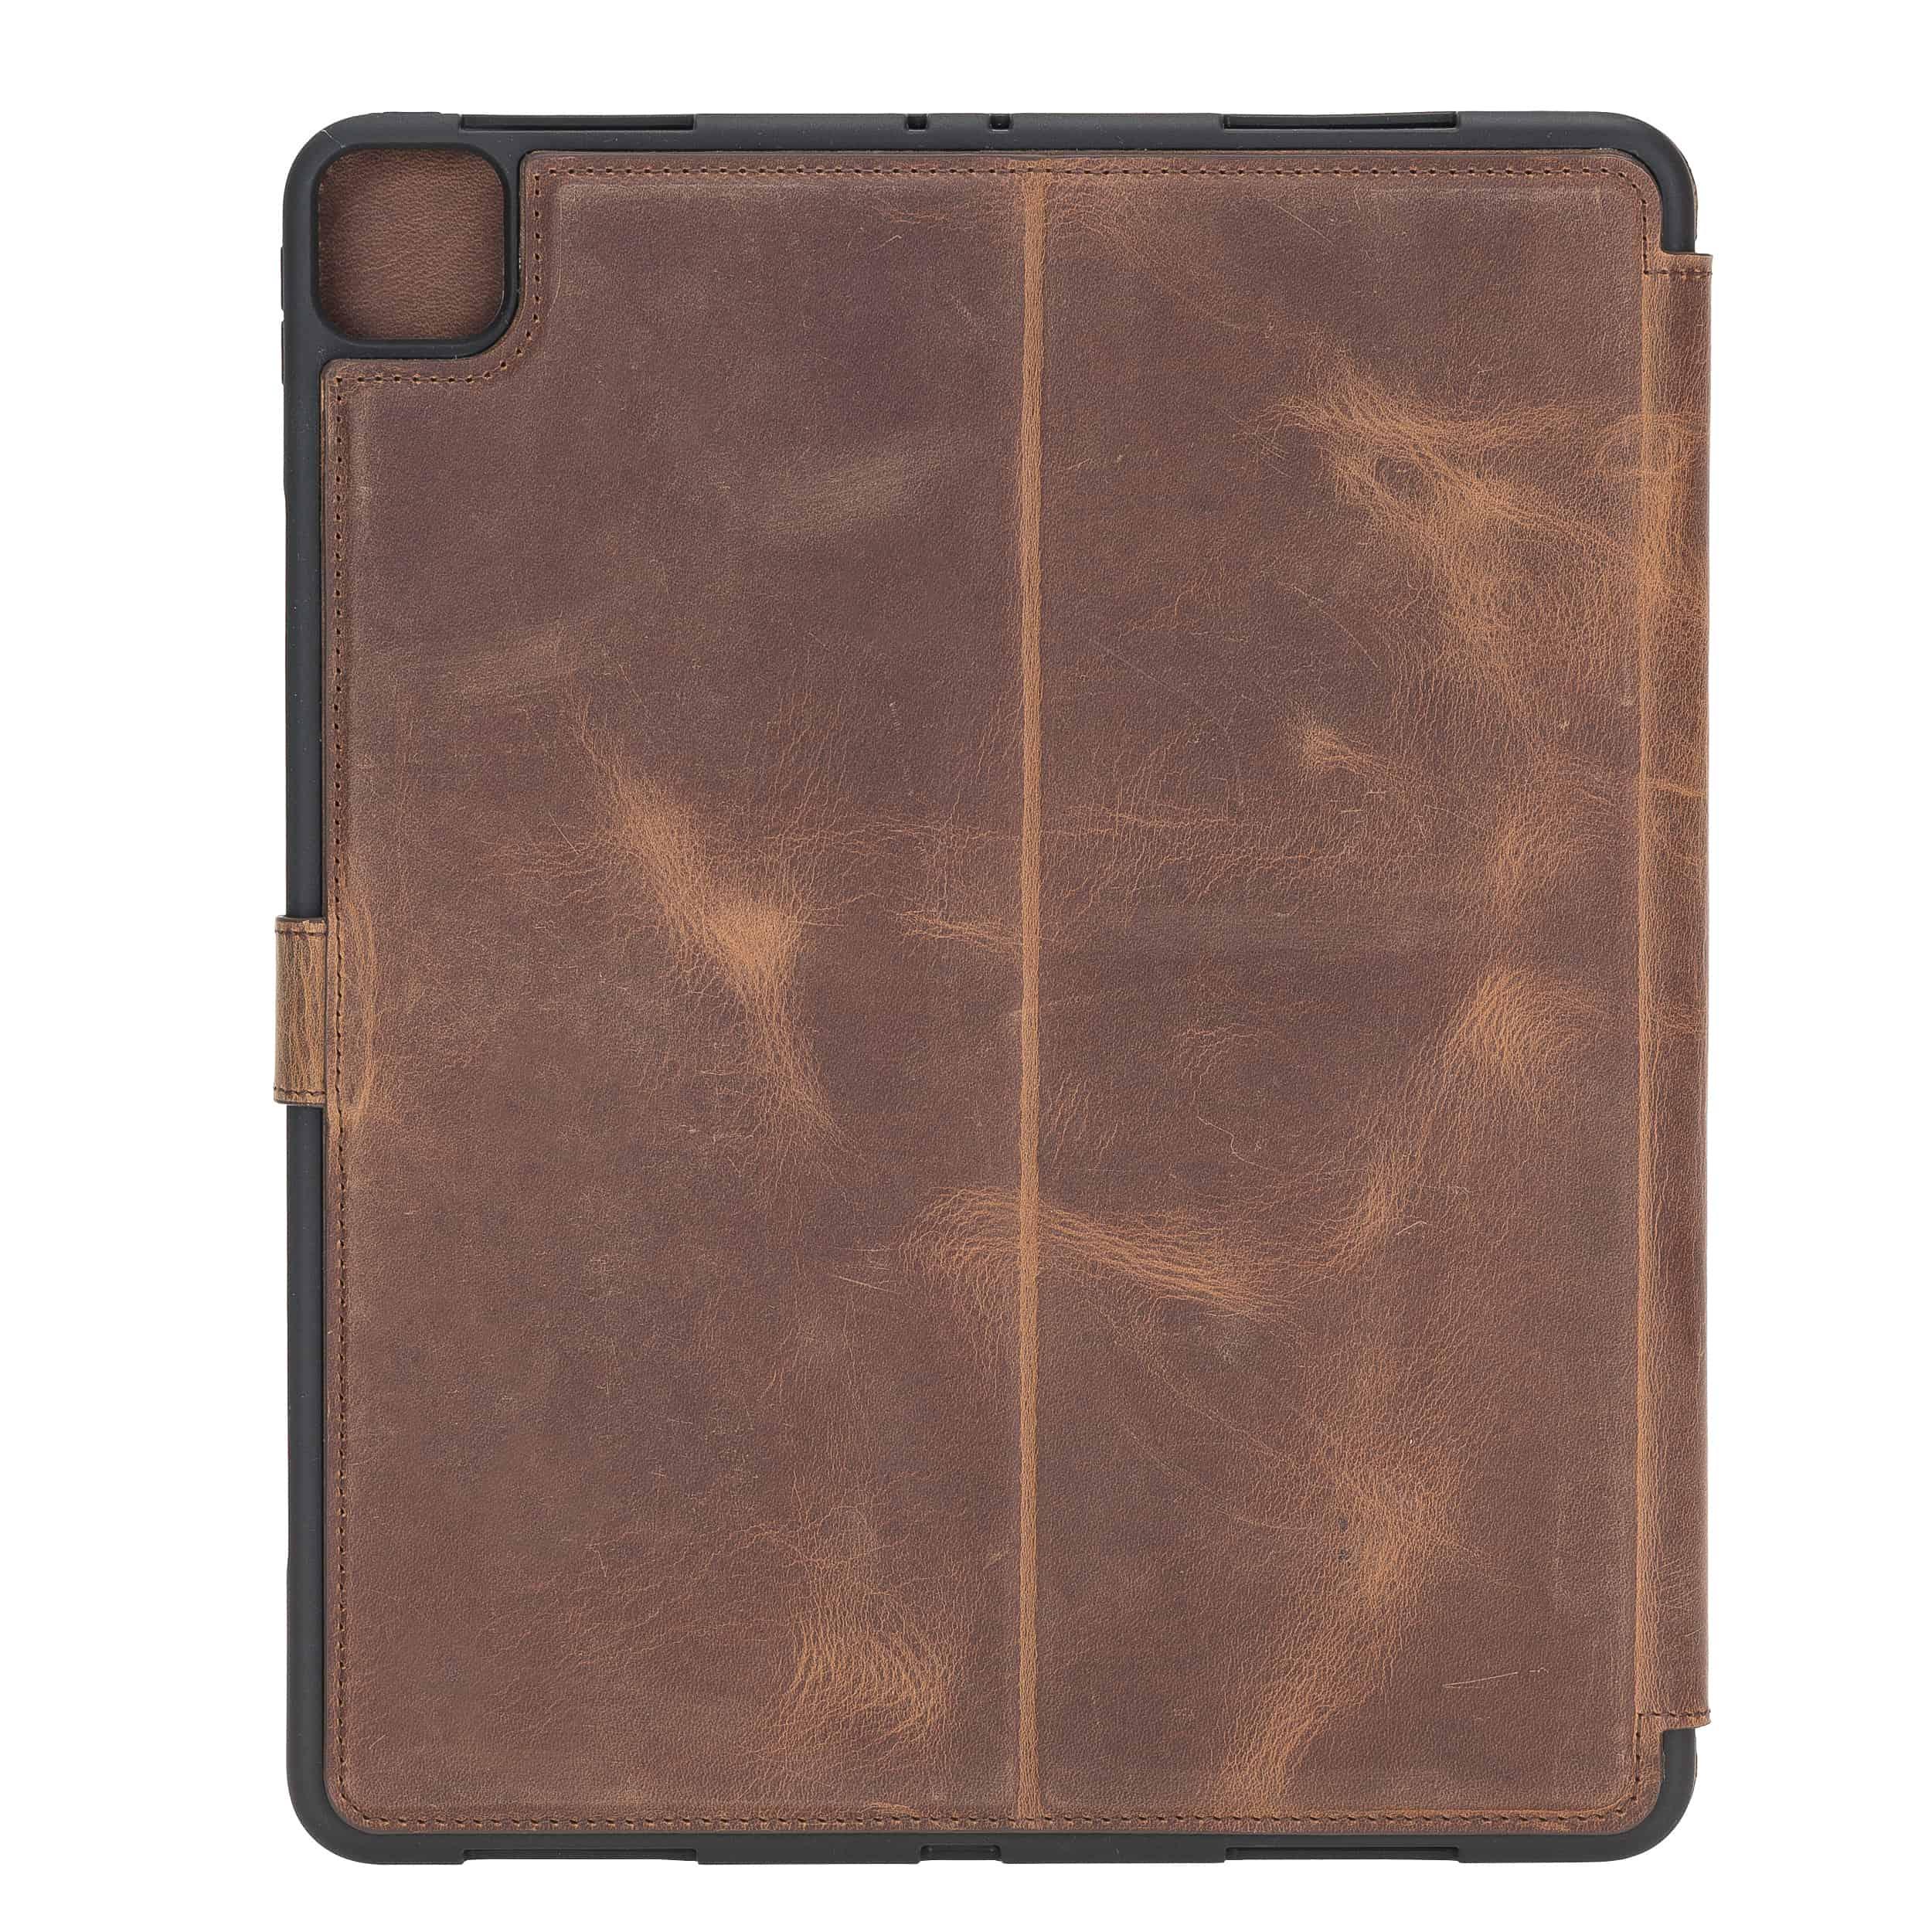 """Solo Pelle magnetische abnehmbare Hülle geeignet für Apple iPad Pro 11"""" 2020 Hülle Echtleder Case aus echtem Leder. Unterstützt Pencil 2 und magnetisches Laden (Vintage Braun)"""